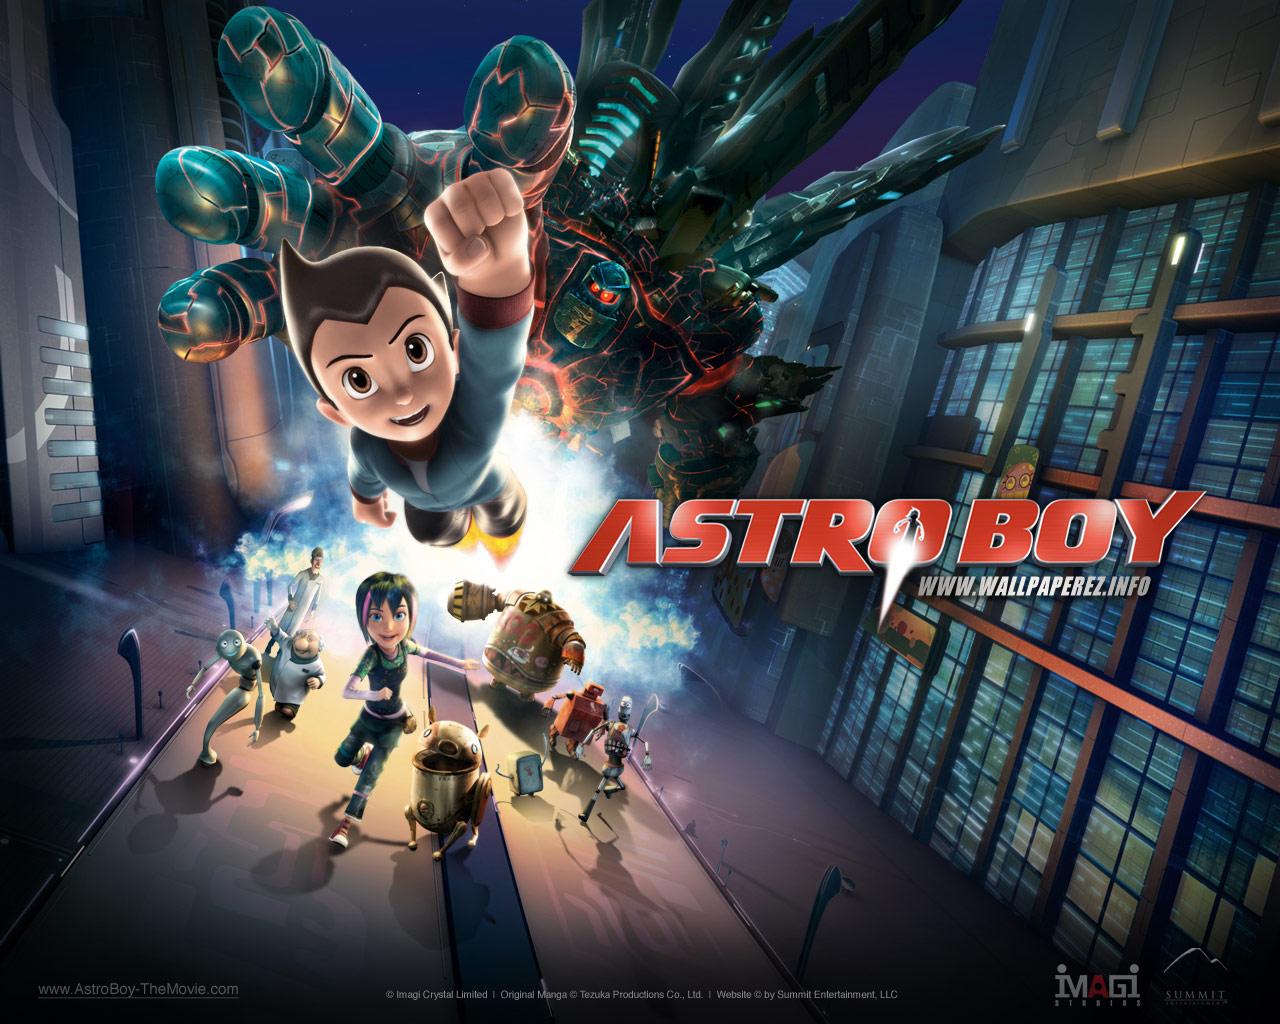 http://1.bp.blogspot.com/_9F6DRhAoN5I/TQtcrVRrxOI/AAAAAAAAACo/9nxgBbuCZXg/s1600/Astro-Boy-2007.jpg